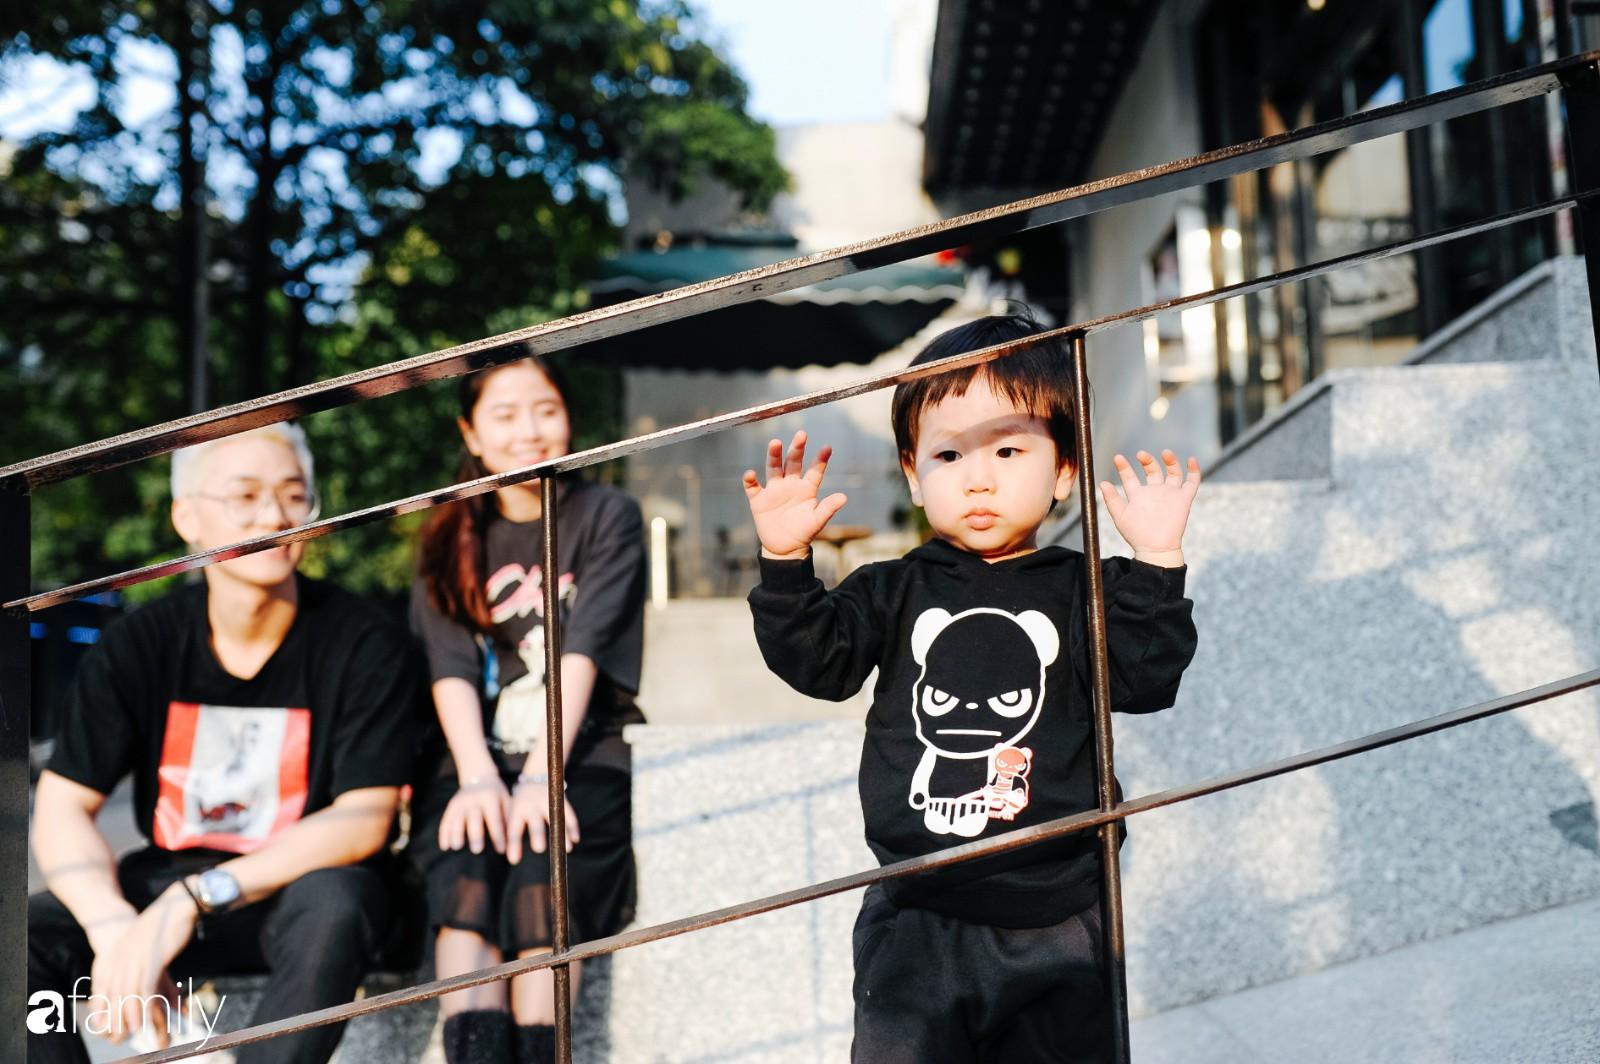 Gia đinh Thế Hệ Mới Ba Duy Nam Thương Kết Hon Sớm Lam Bố Mẹ Trẻ Nhưng Bọn Minh Chưa Bao Giờ Thoi Hạnh Phuc